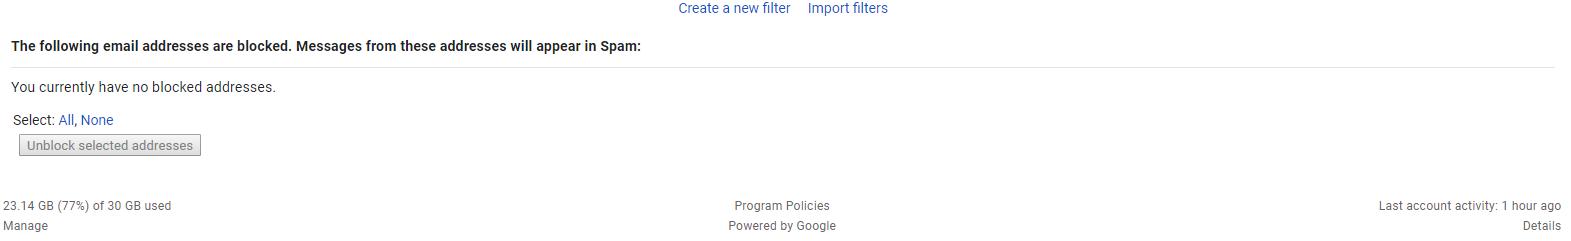 Create New Filter Screenshot